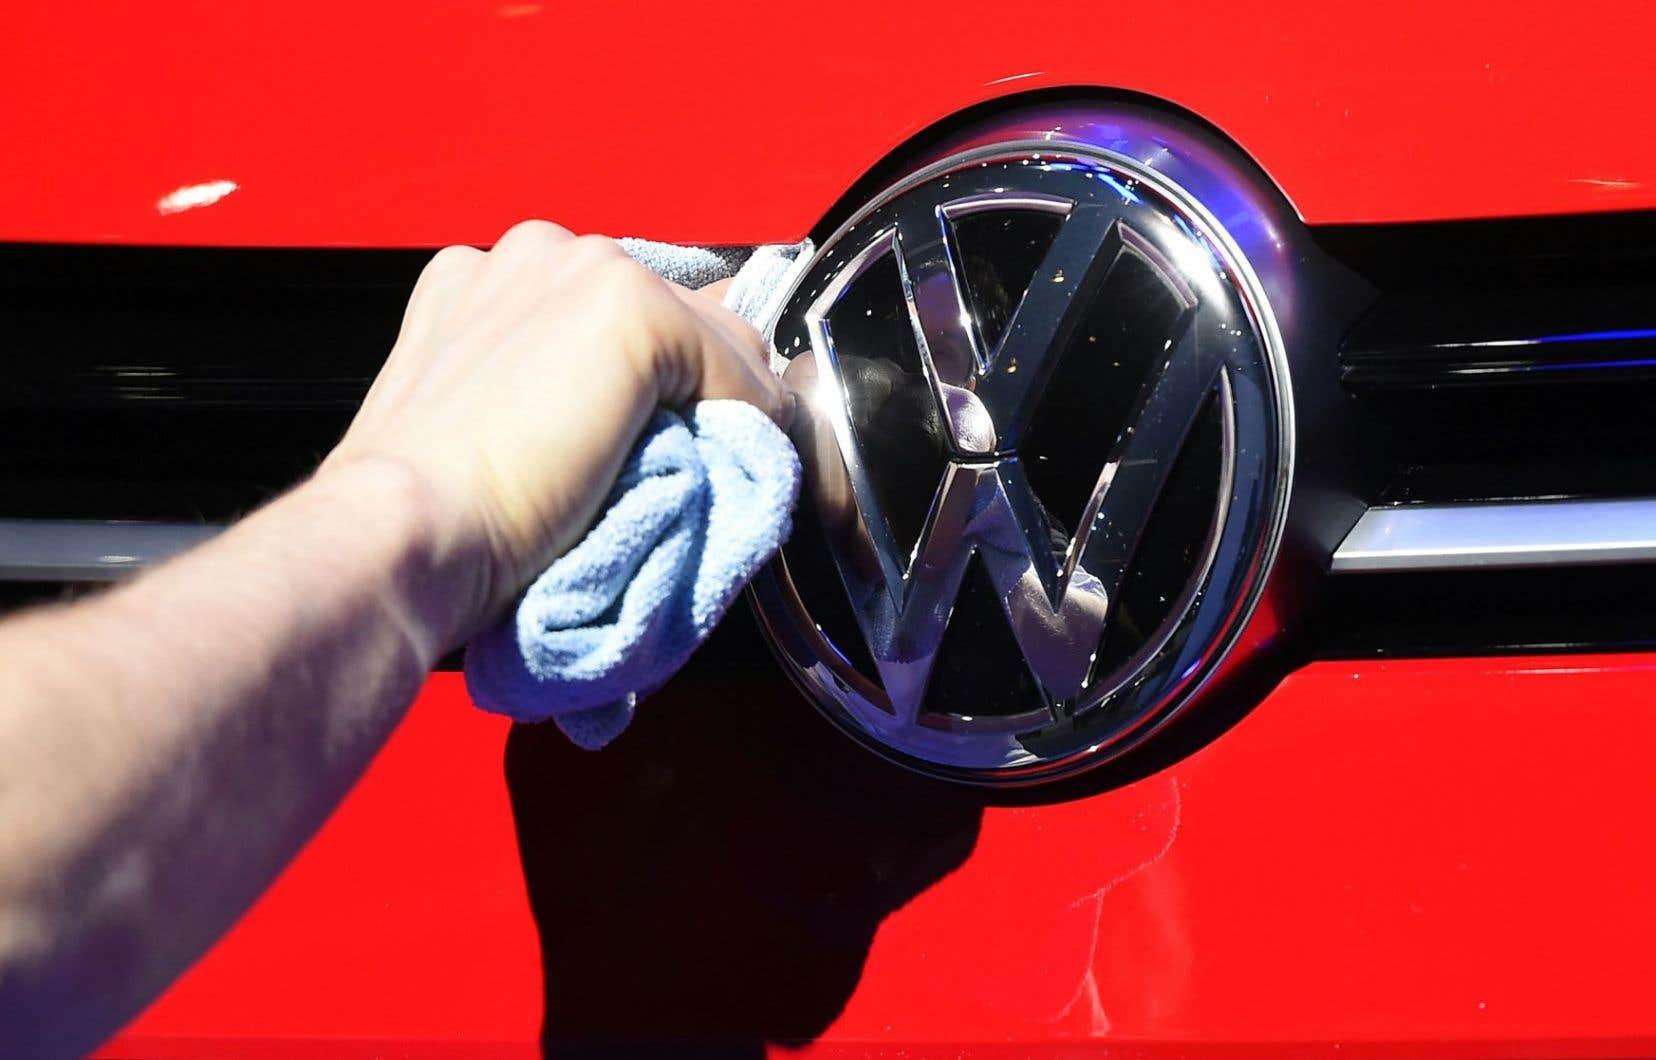 Selon les autorités américaines, 482000 véhicules de marque Volkswagen et Audi, construits entre2009 et2015, ont été équipés d'un logiciel capable de détecter automatiquement les tests de mesure antipollution pour en fausser les résultats.